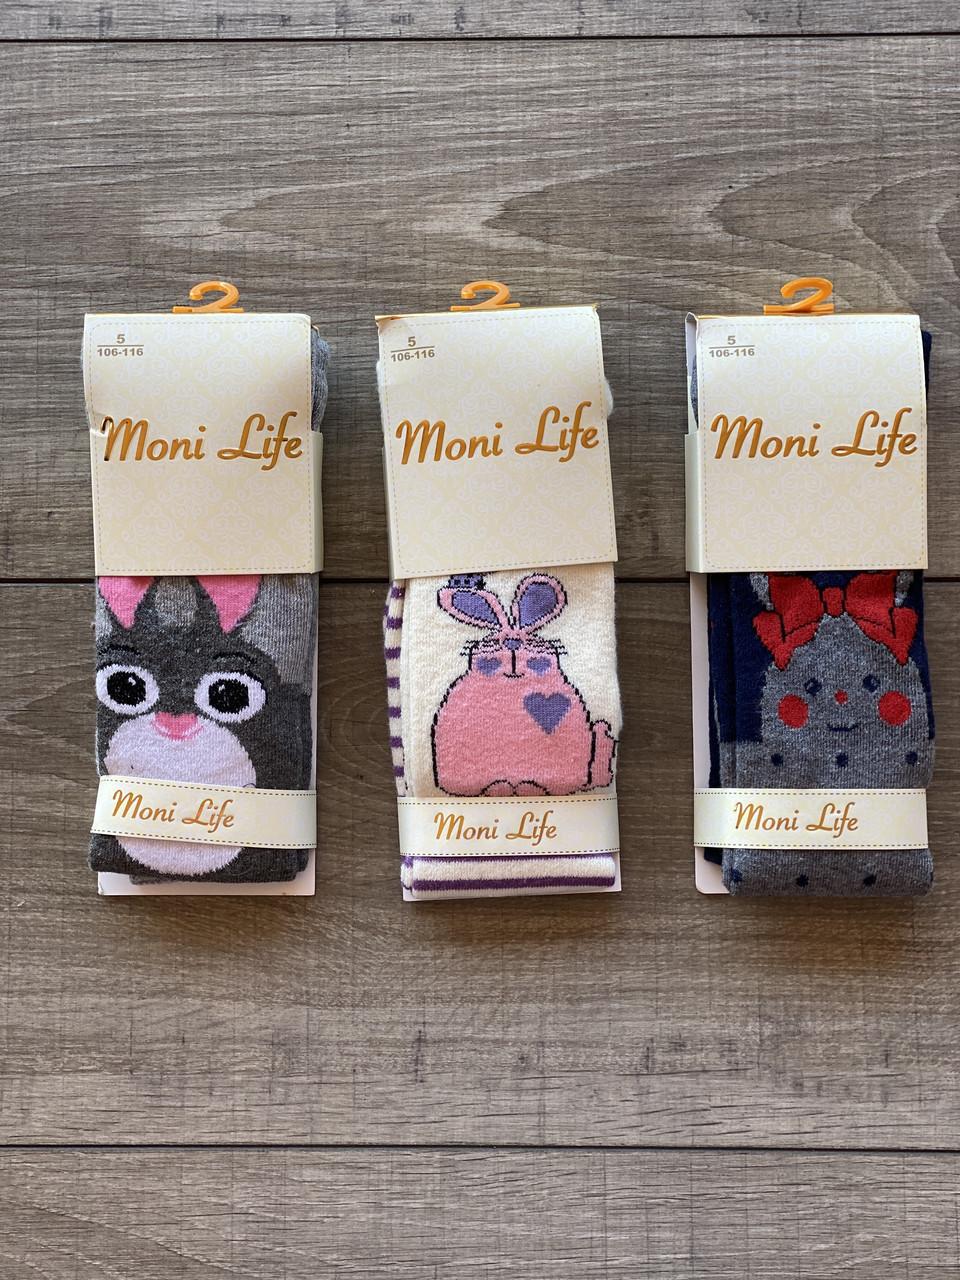 Колготи дитячі бавовна Moni Life з зайчиками для дівчаток 5,9,11  років 6 шт в уп мікс кольорів